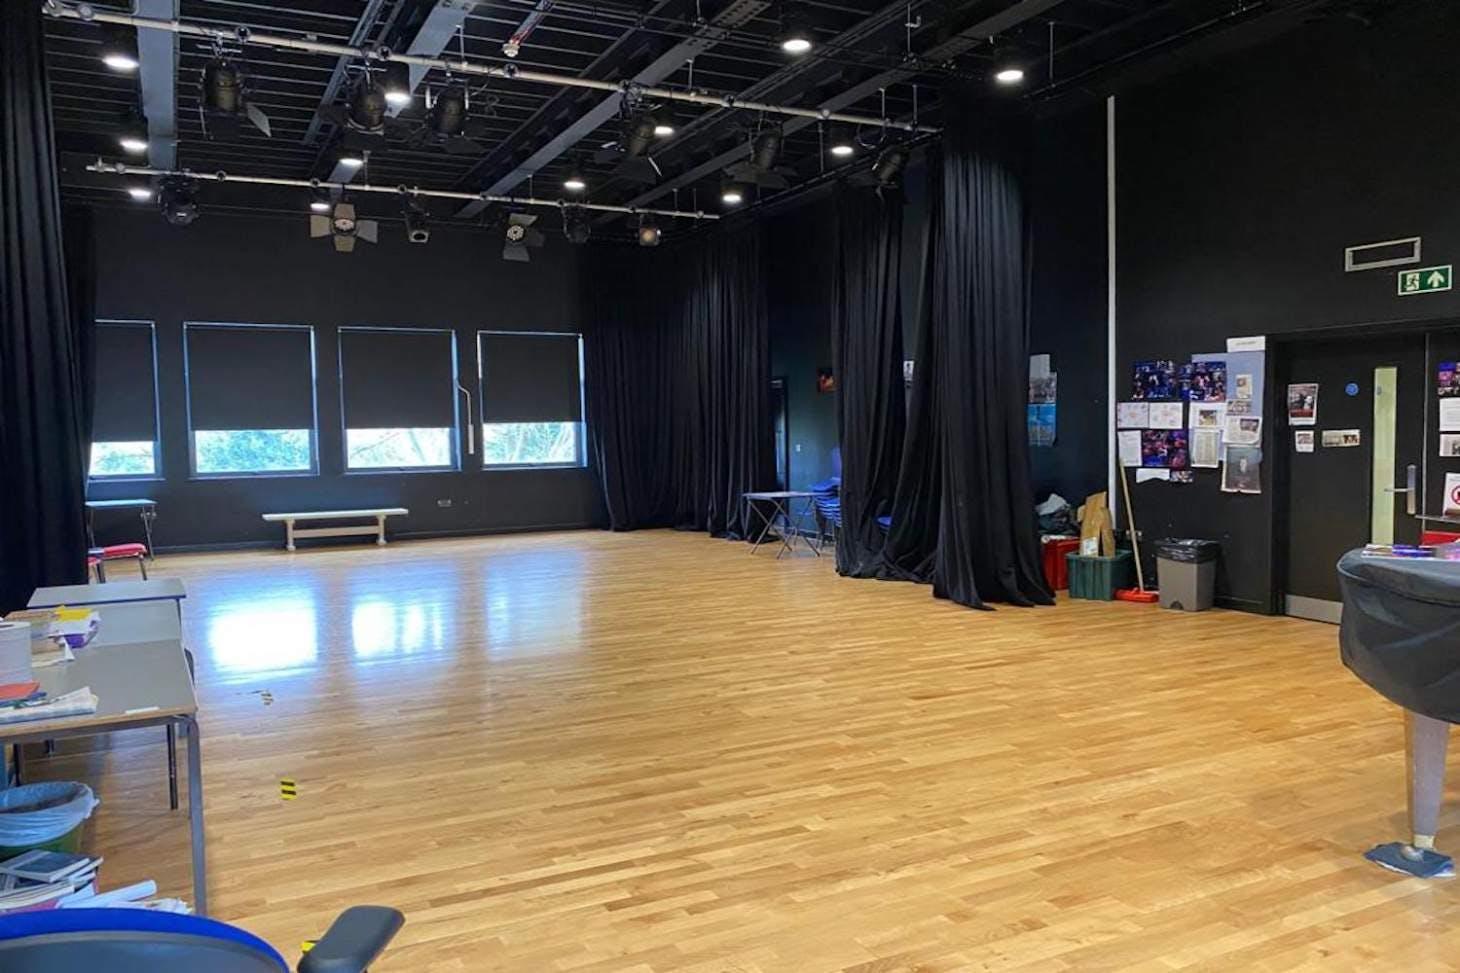 La Sainte Union School Studio | Dance studio space hire